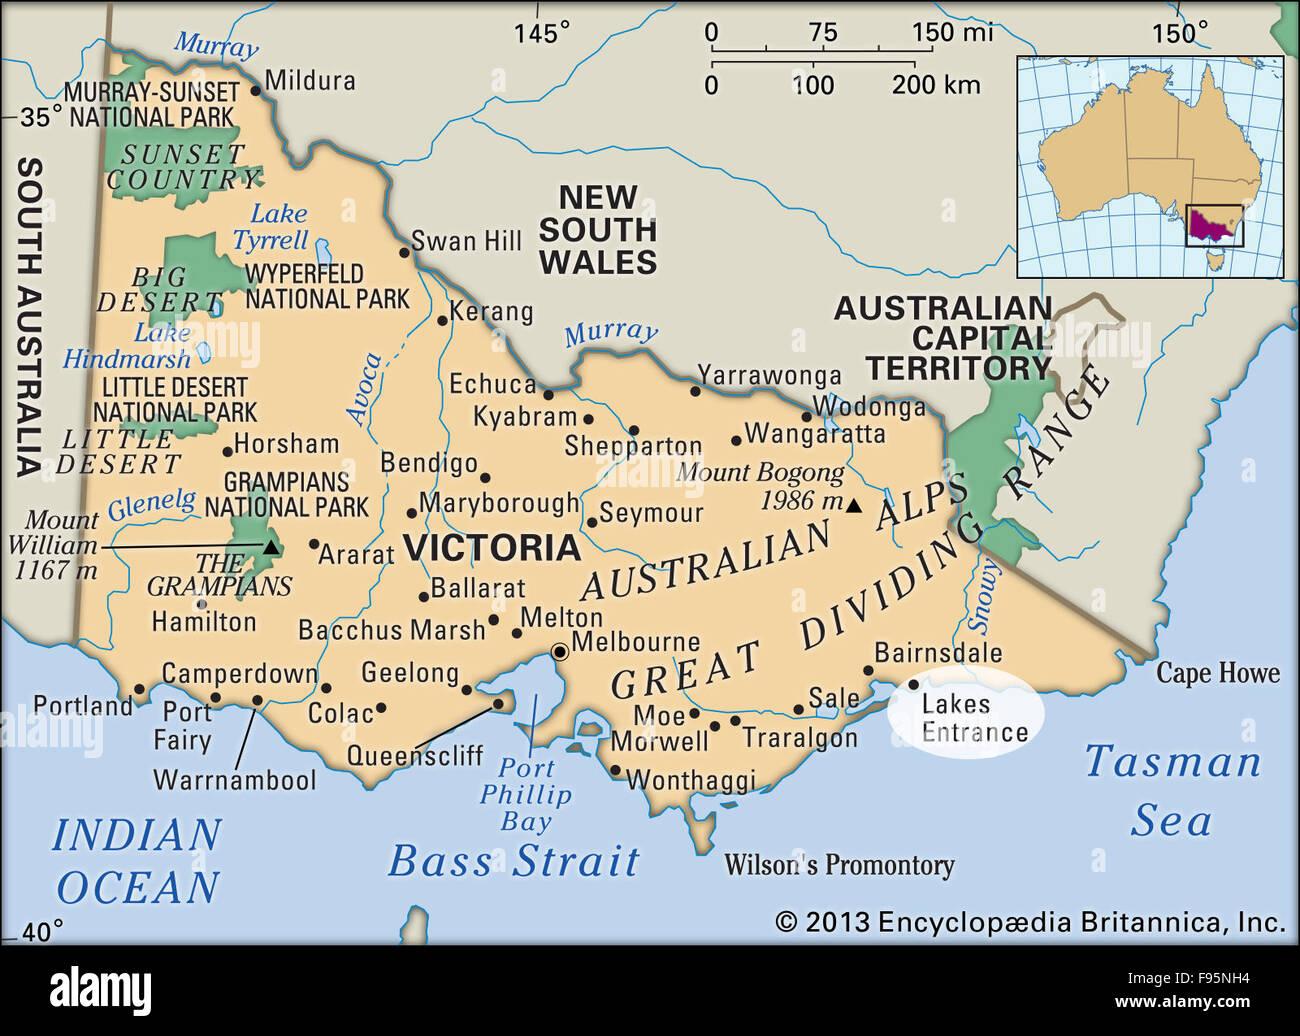 Lakes Entrance, Victoria, Australia Stock Photo: 91710448 ... on bairnsdale australia, healesville australia, lake macquarie australia, benalla australia, koroit australia, woodend australia, mt gambier australia, sorrento australia, kerang australia, bonang australia, arnhem land australia, ocean grove australia, ulladulla australia, squeaky beach australia, mt hotham australia, great otway national park australia, casterton australia, macedon ranges australia, cobram australia, wilsons promontory australia,